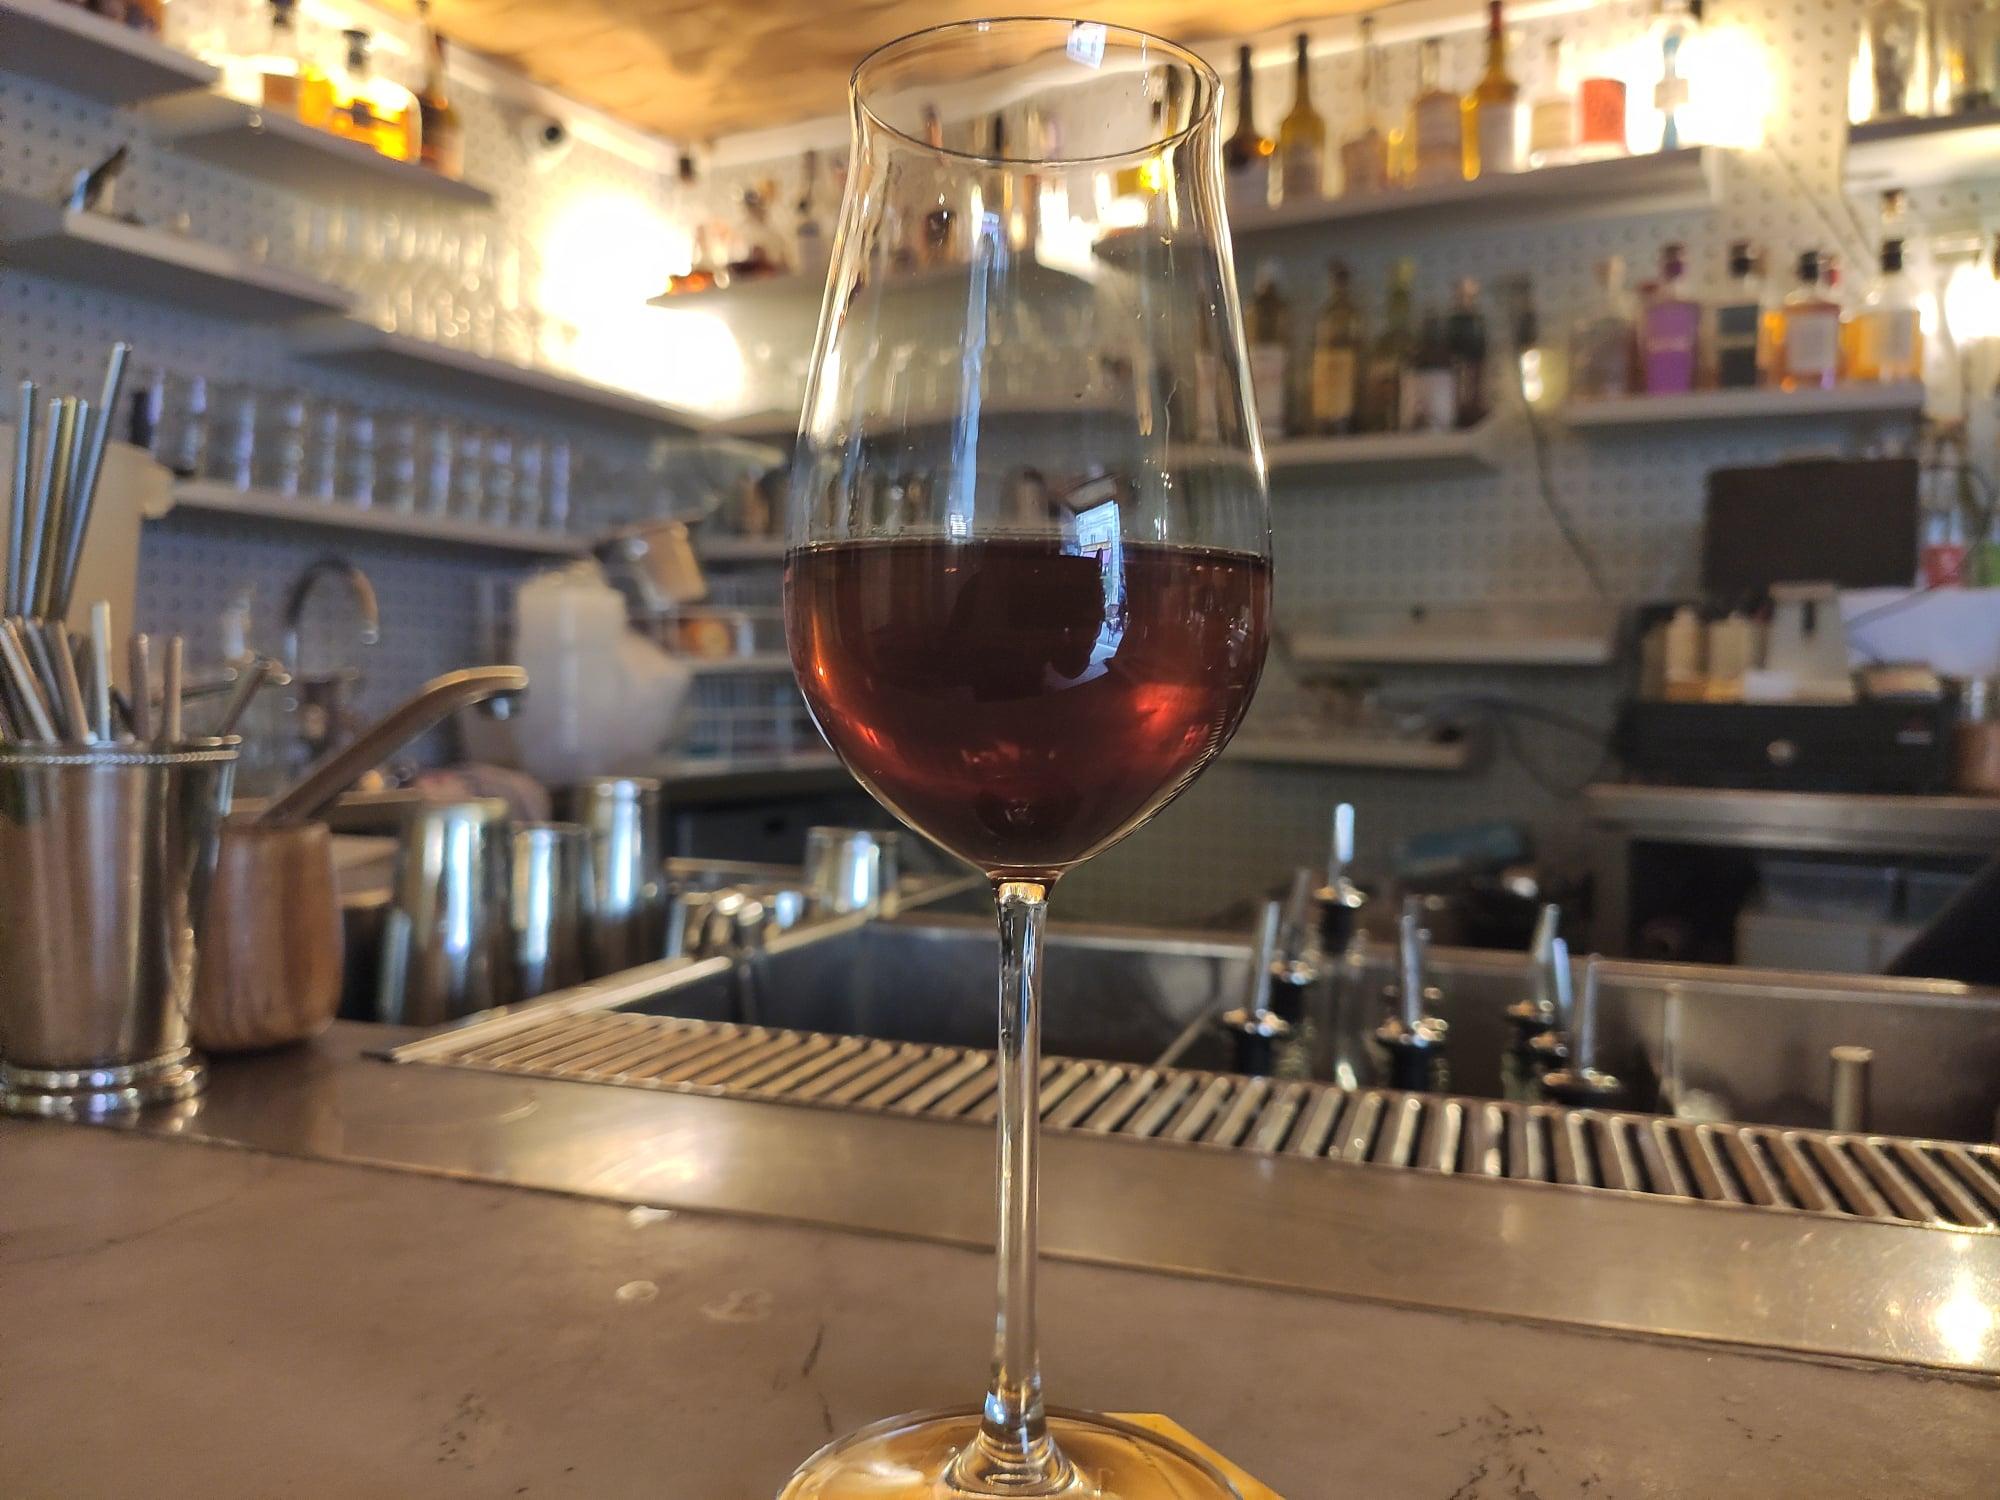 Cocktail - Ca tourne - Le Syndicat cocktail club - Paris